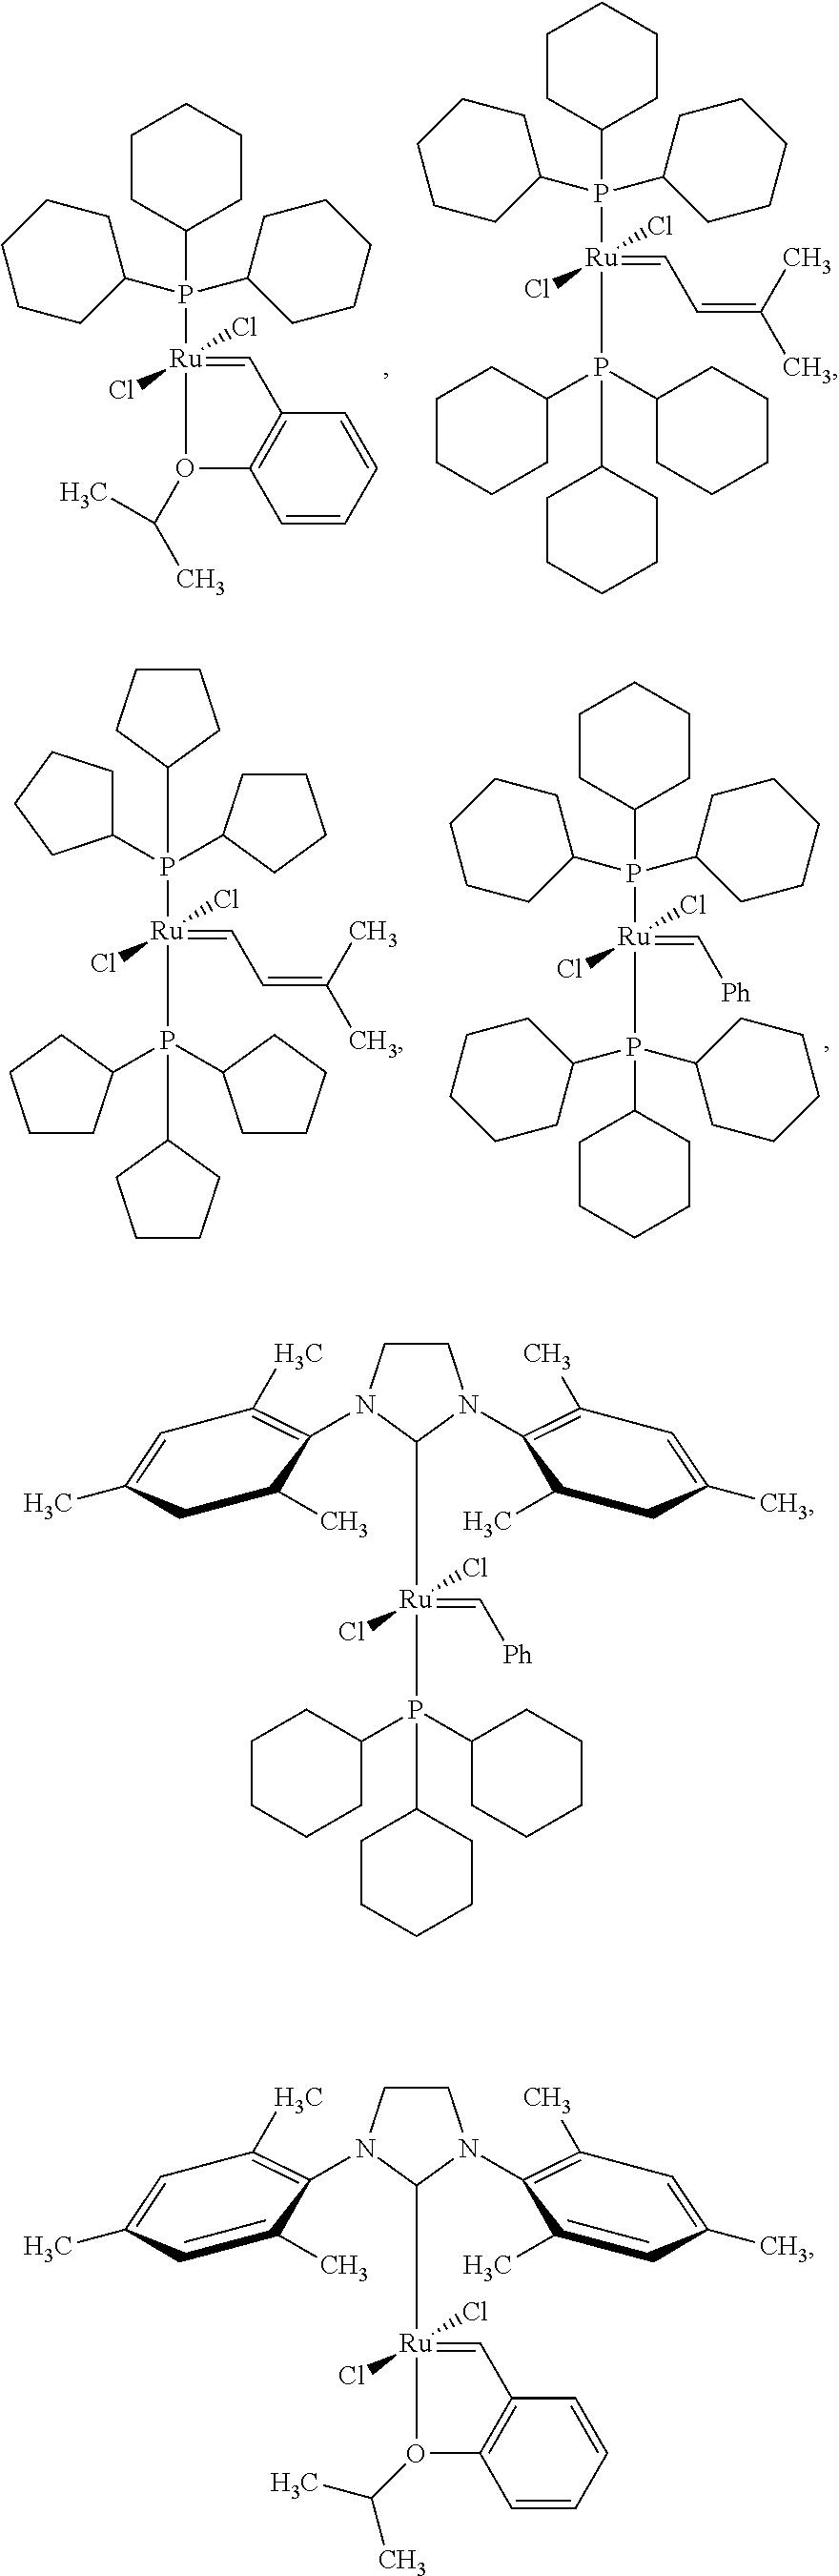 Figure US09598543-20170321-C00014